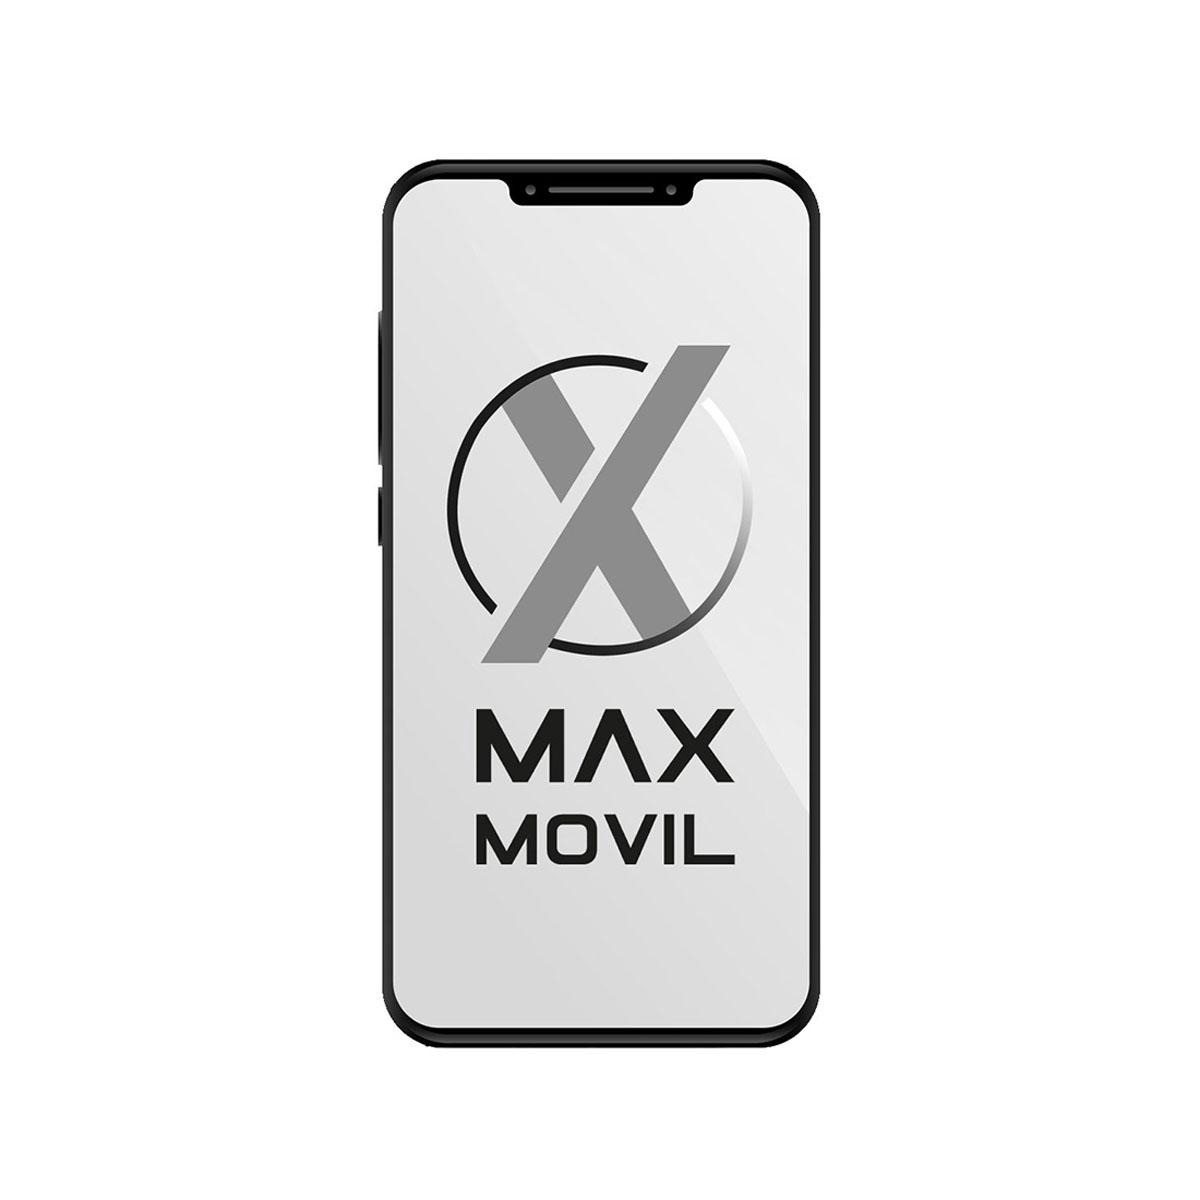 Funda universal MyAxe para tabletas de hasta 10 pulgadas negro